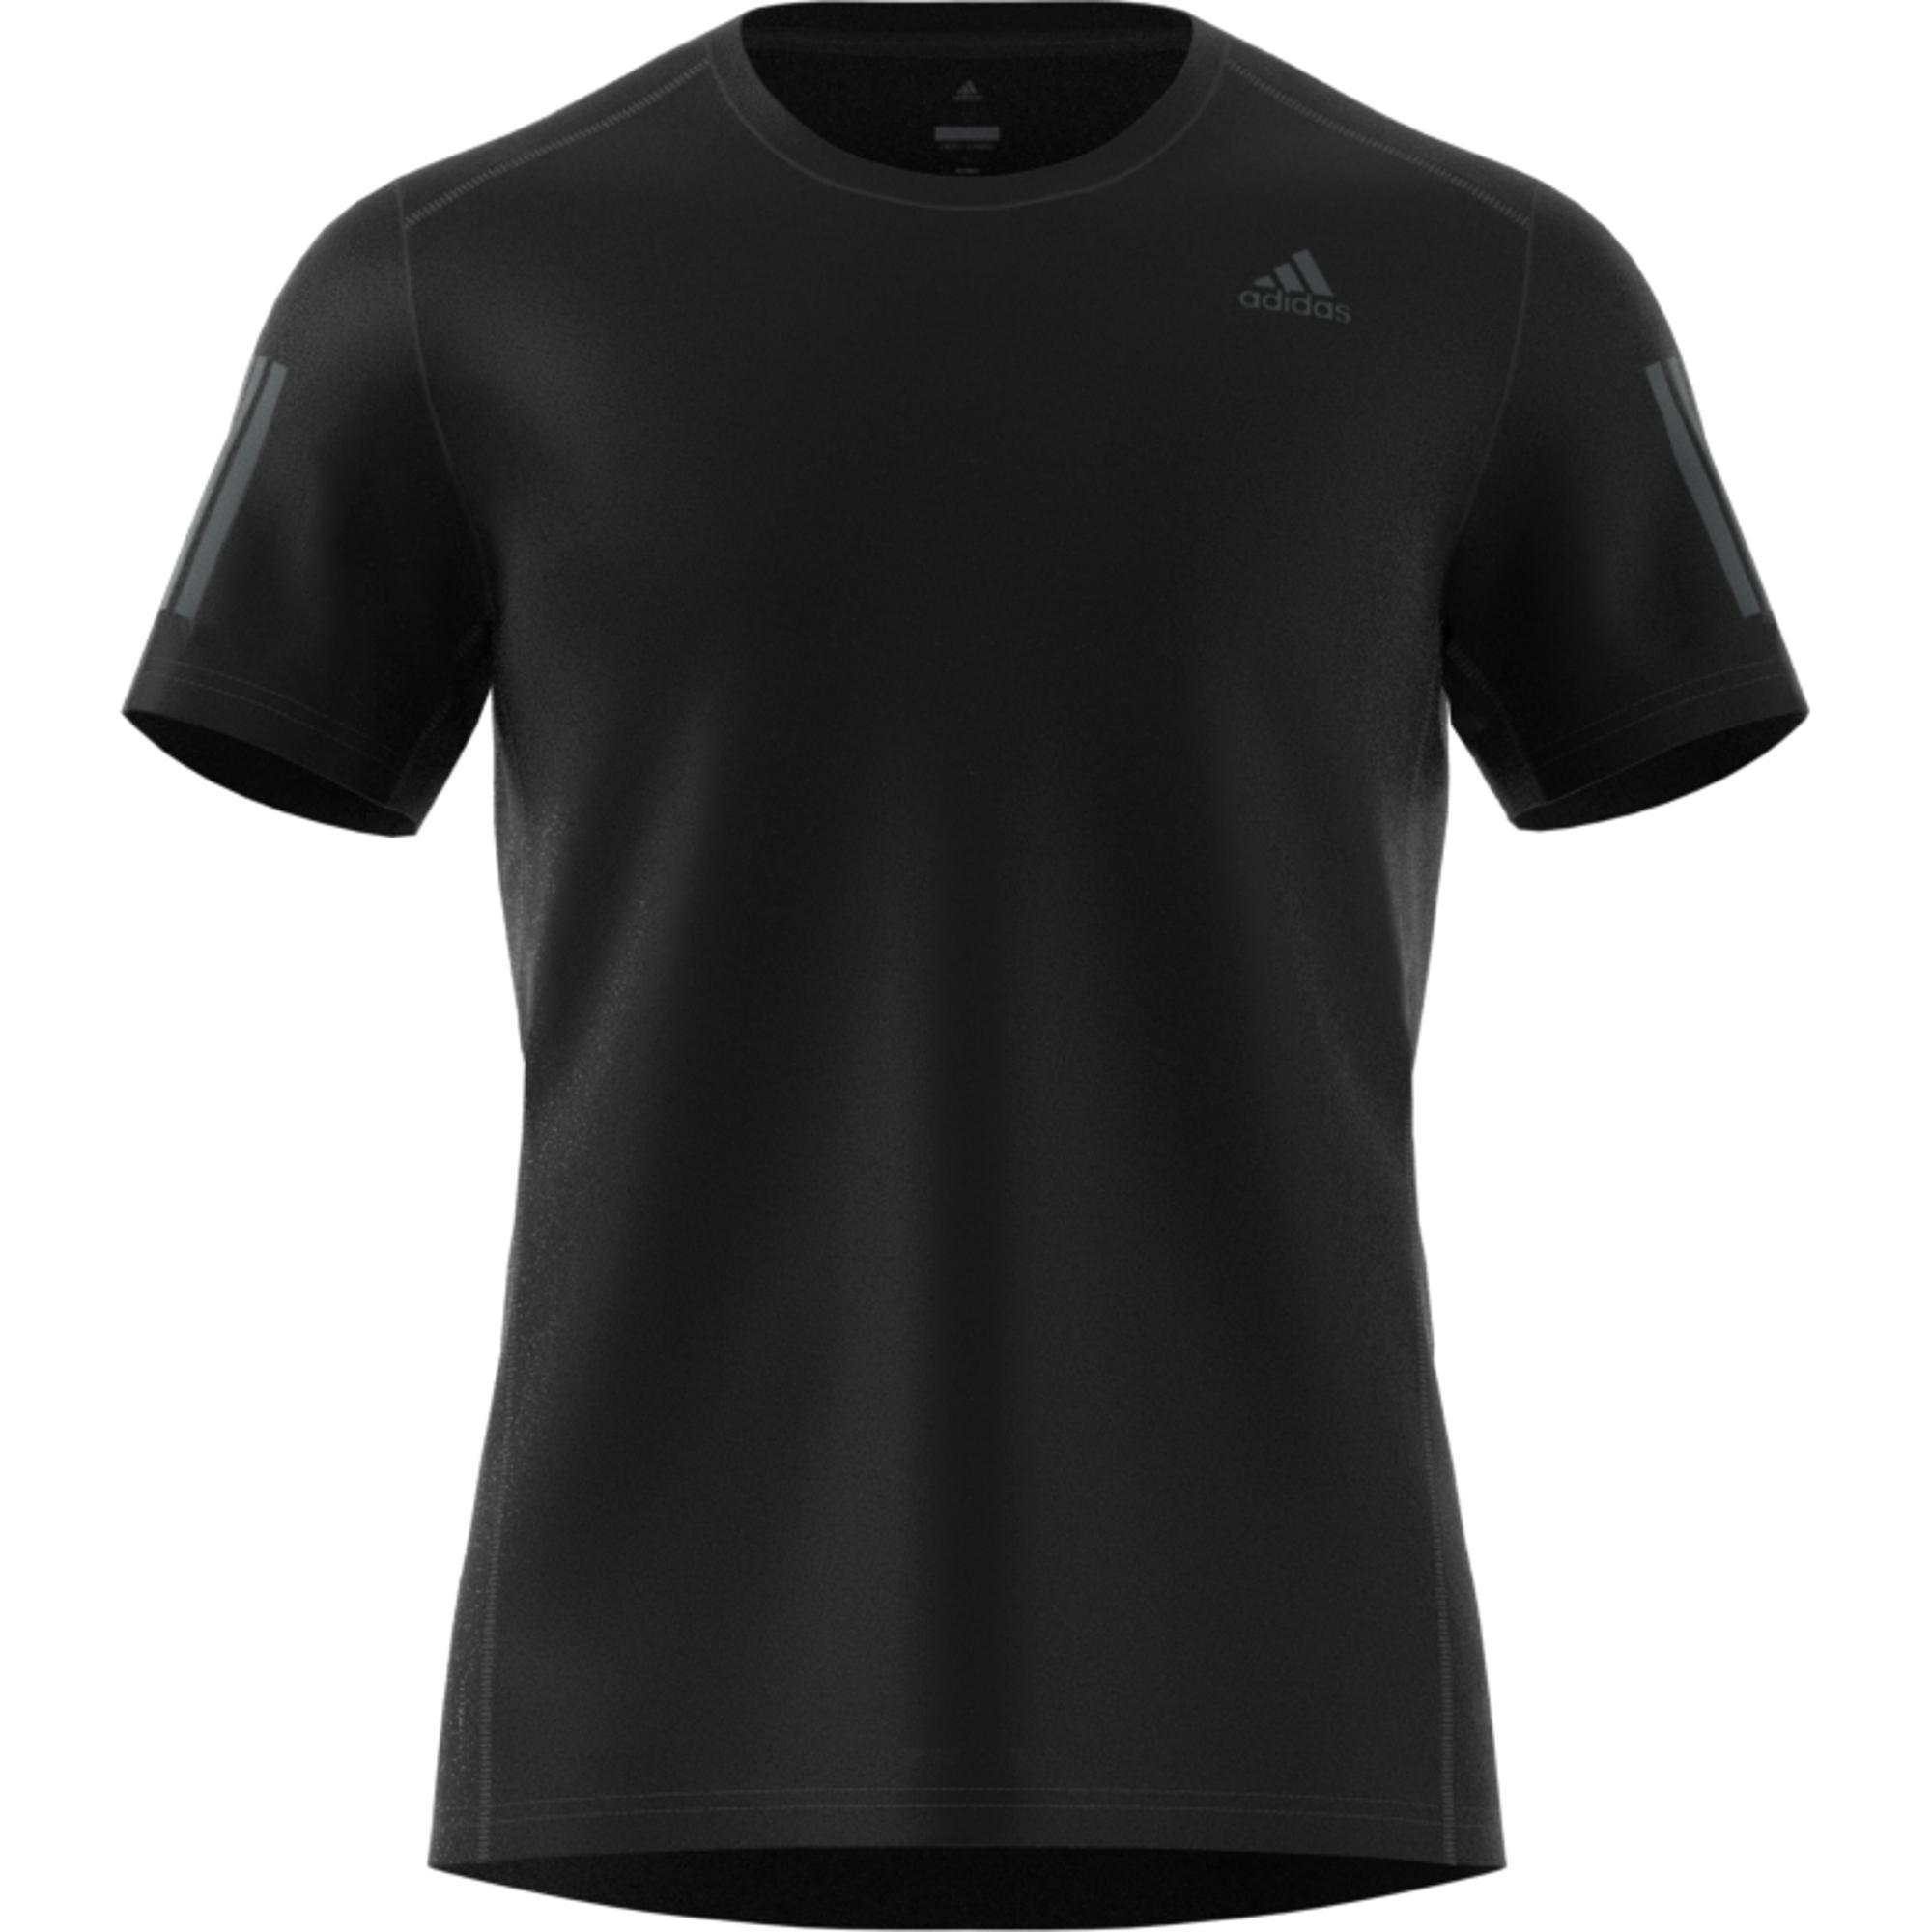 cf12d2451f9 Buy Latest Adidas Products | Fashion | Lazada.sg